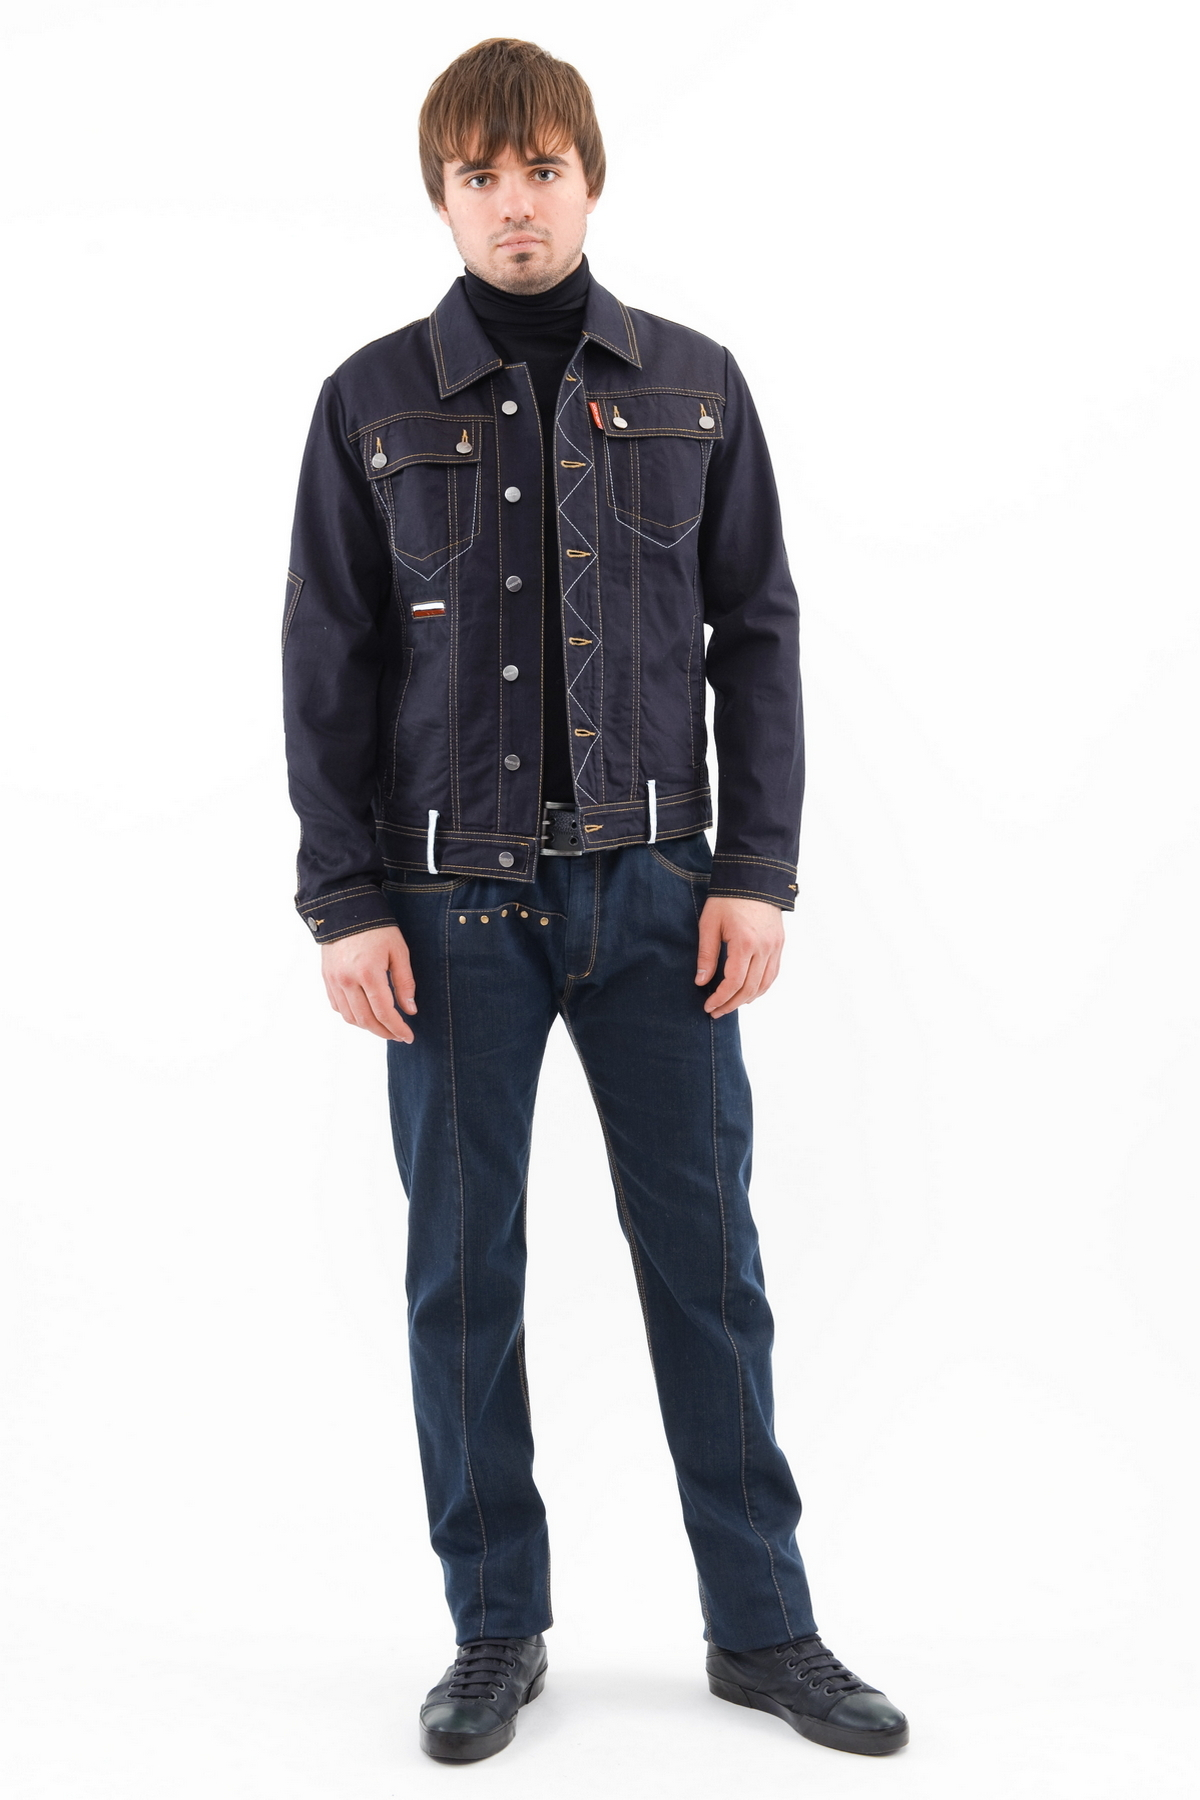 КурткаКуртки, пальто, ветровки<br>Классический джинсовый стиль - модель из темно-синего денима с отложным воротником и застежкой на пуговицы. Спереди расположены накладные карманы с клапанами. Отделочные детали куртки выполнены из натуральной кожи. Модель декорирована строчками контрастны<br><br>Цвет: синий<br>Состав: 100% хлопок<br>Размер: 44,46<br>Страна дизайна: Россия<br>Страна производства: Россия